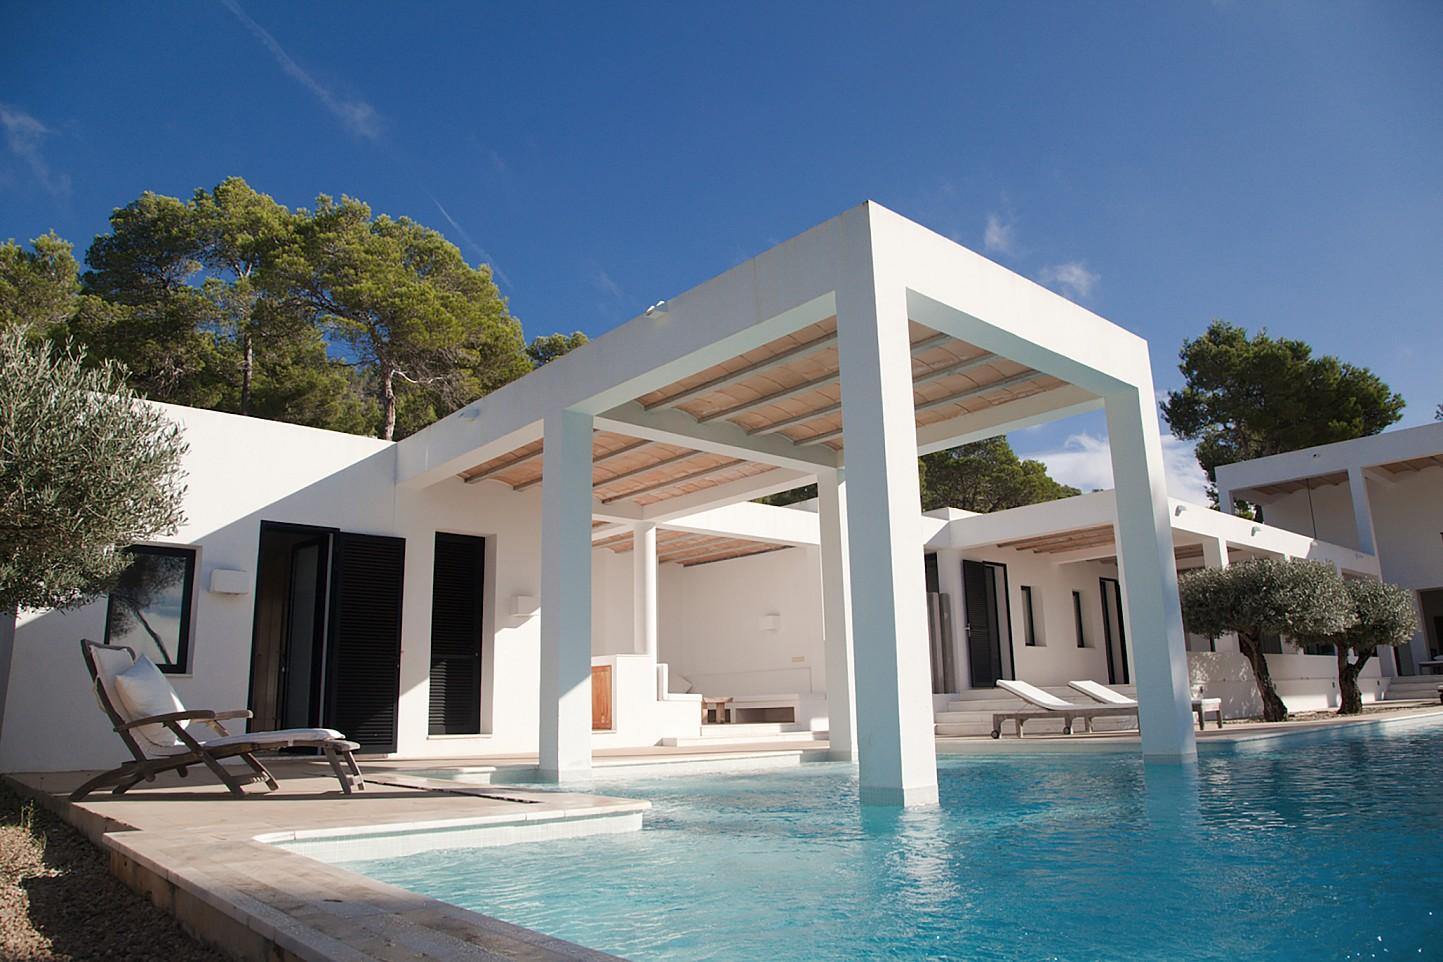 Minimalista casa en alquiler cerca de san carlos ibiza for Alquiler casa en umbrete sevilla